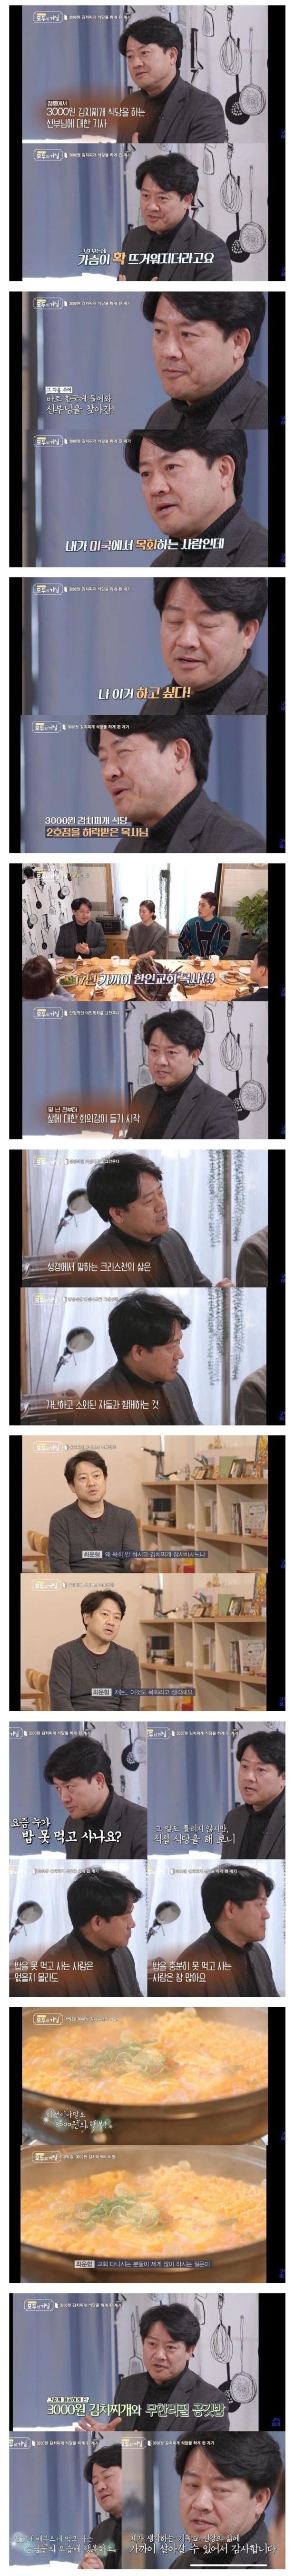 목사만 17년 하다가 김치찌개집 사장이 된 이유